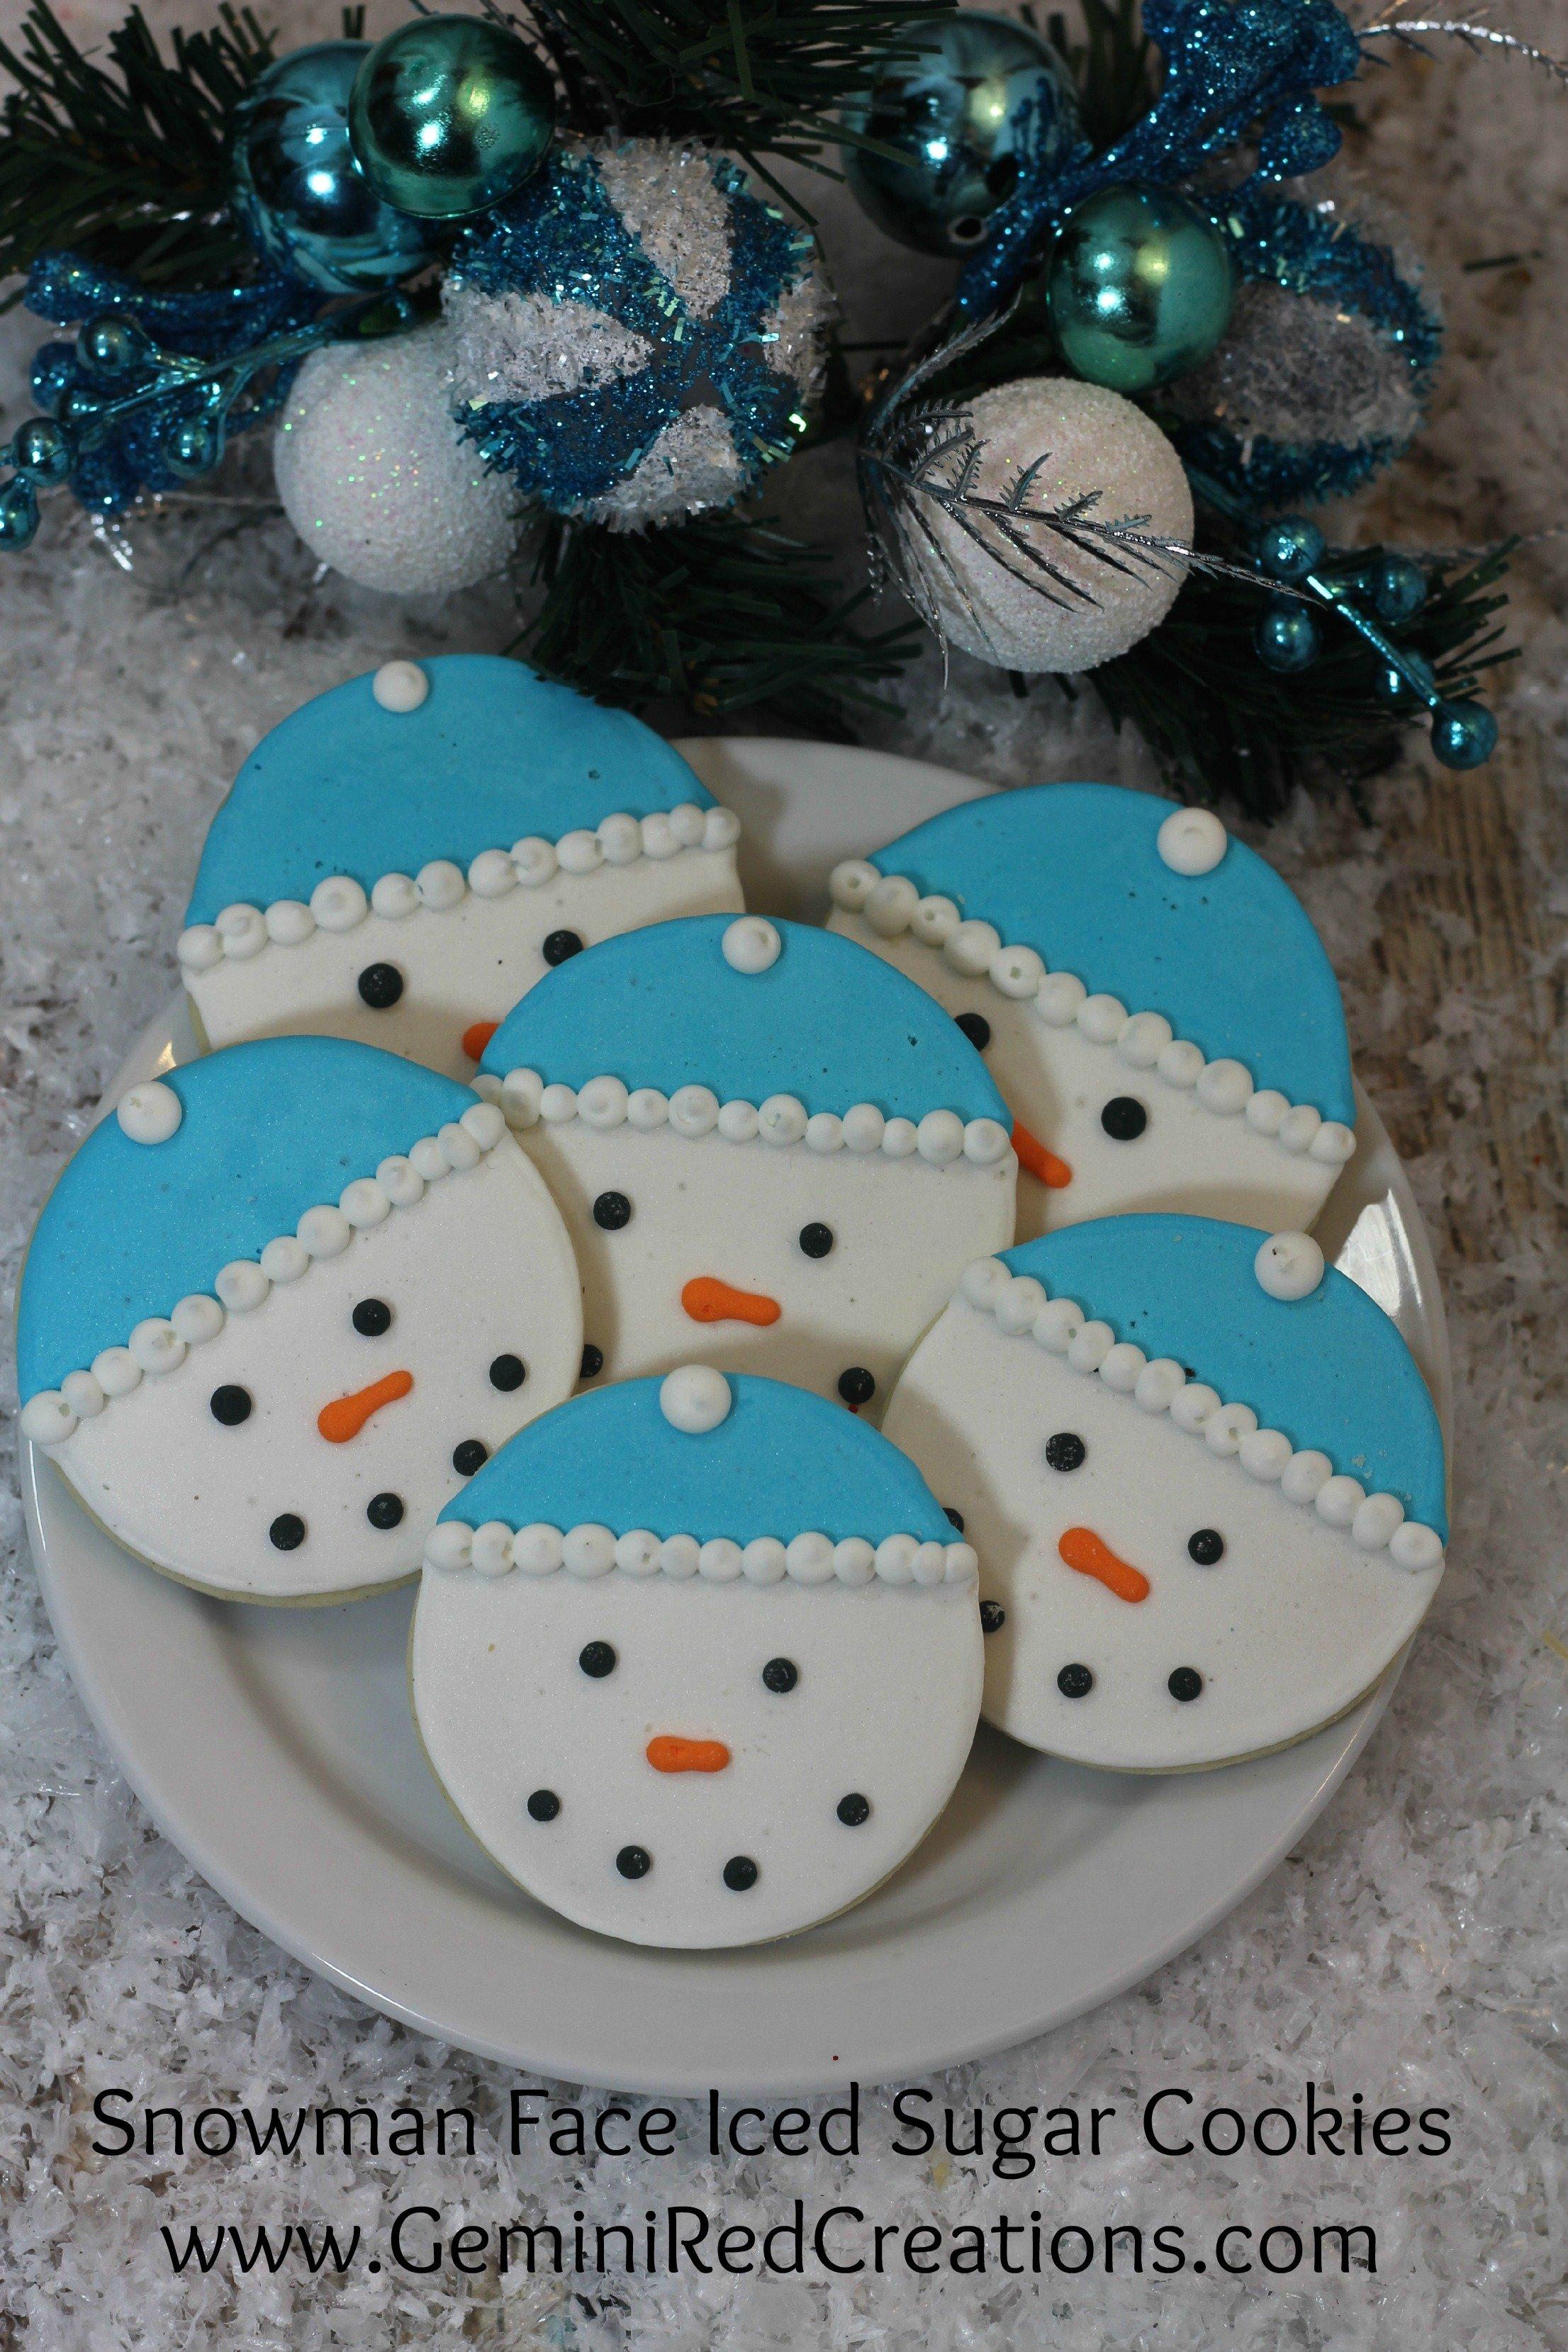 Snowman face ornament - Snowman Face Iced Sugar Cookies